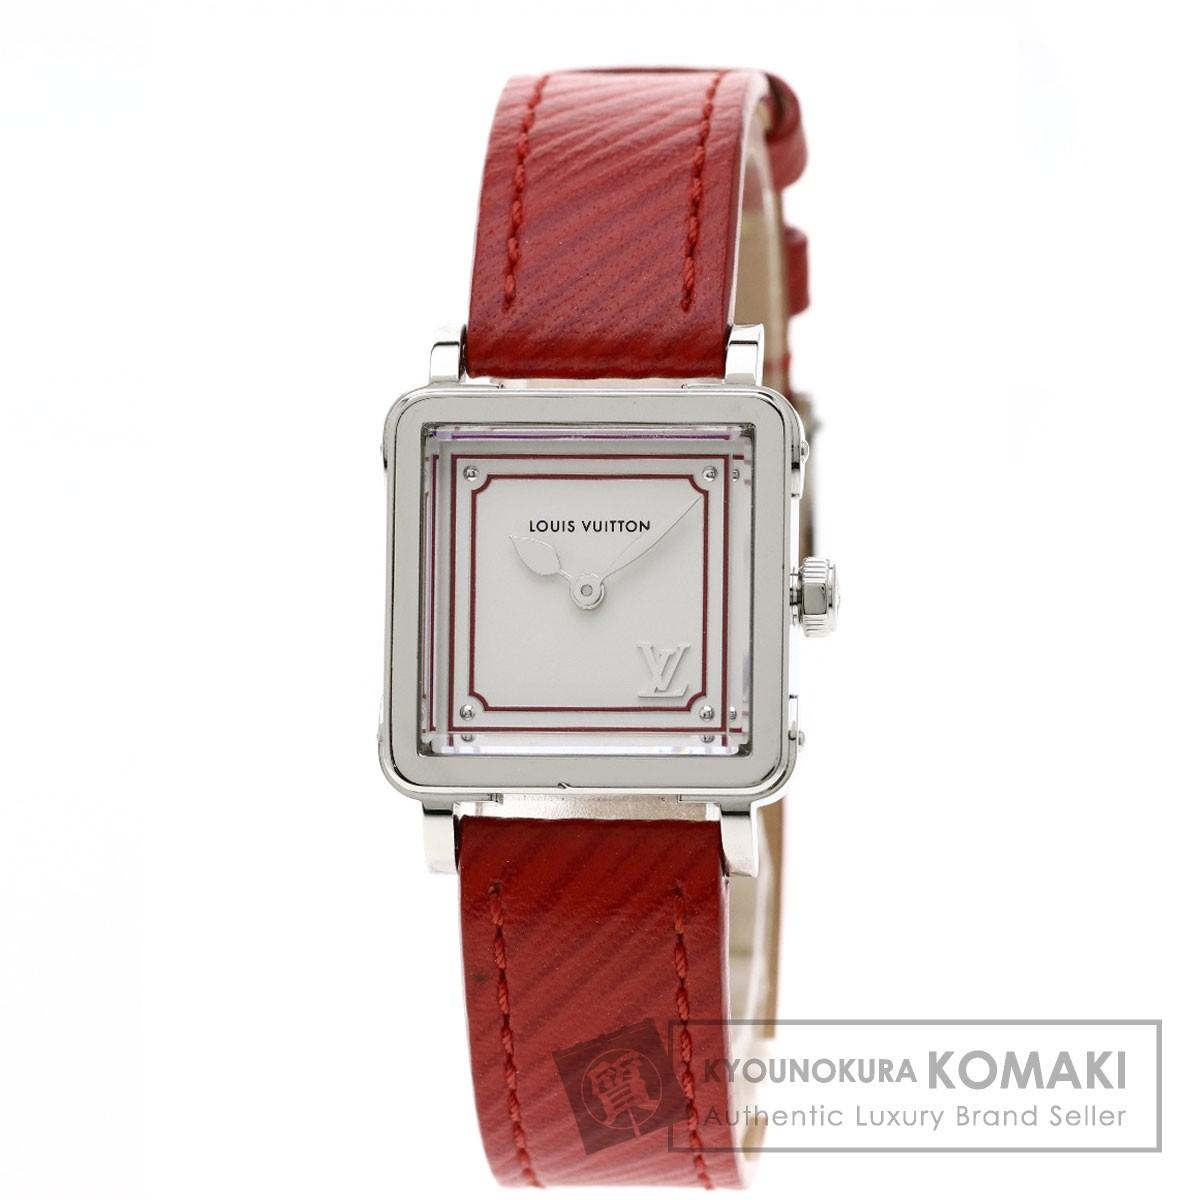 ルイヴィトン Q32MOA アンプリーズPM  腕時計 ステンレススチール/革 レディース 【中古】【LOUIS VUITTON】